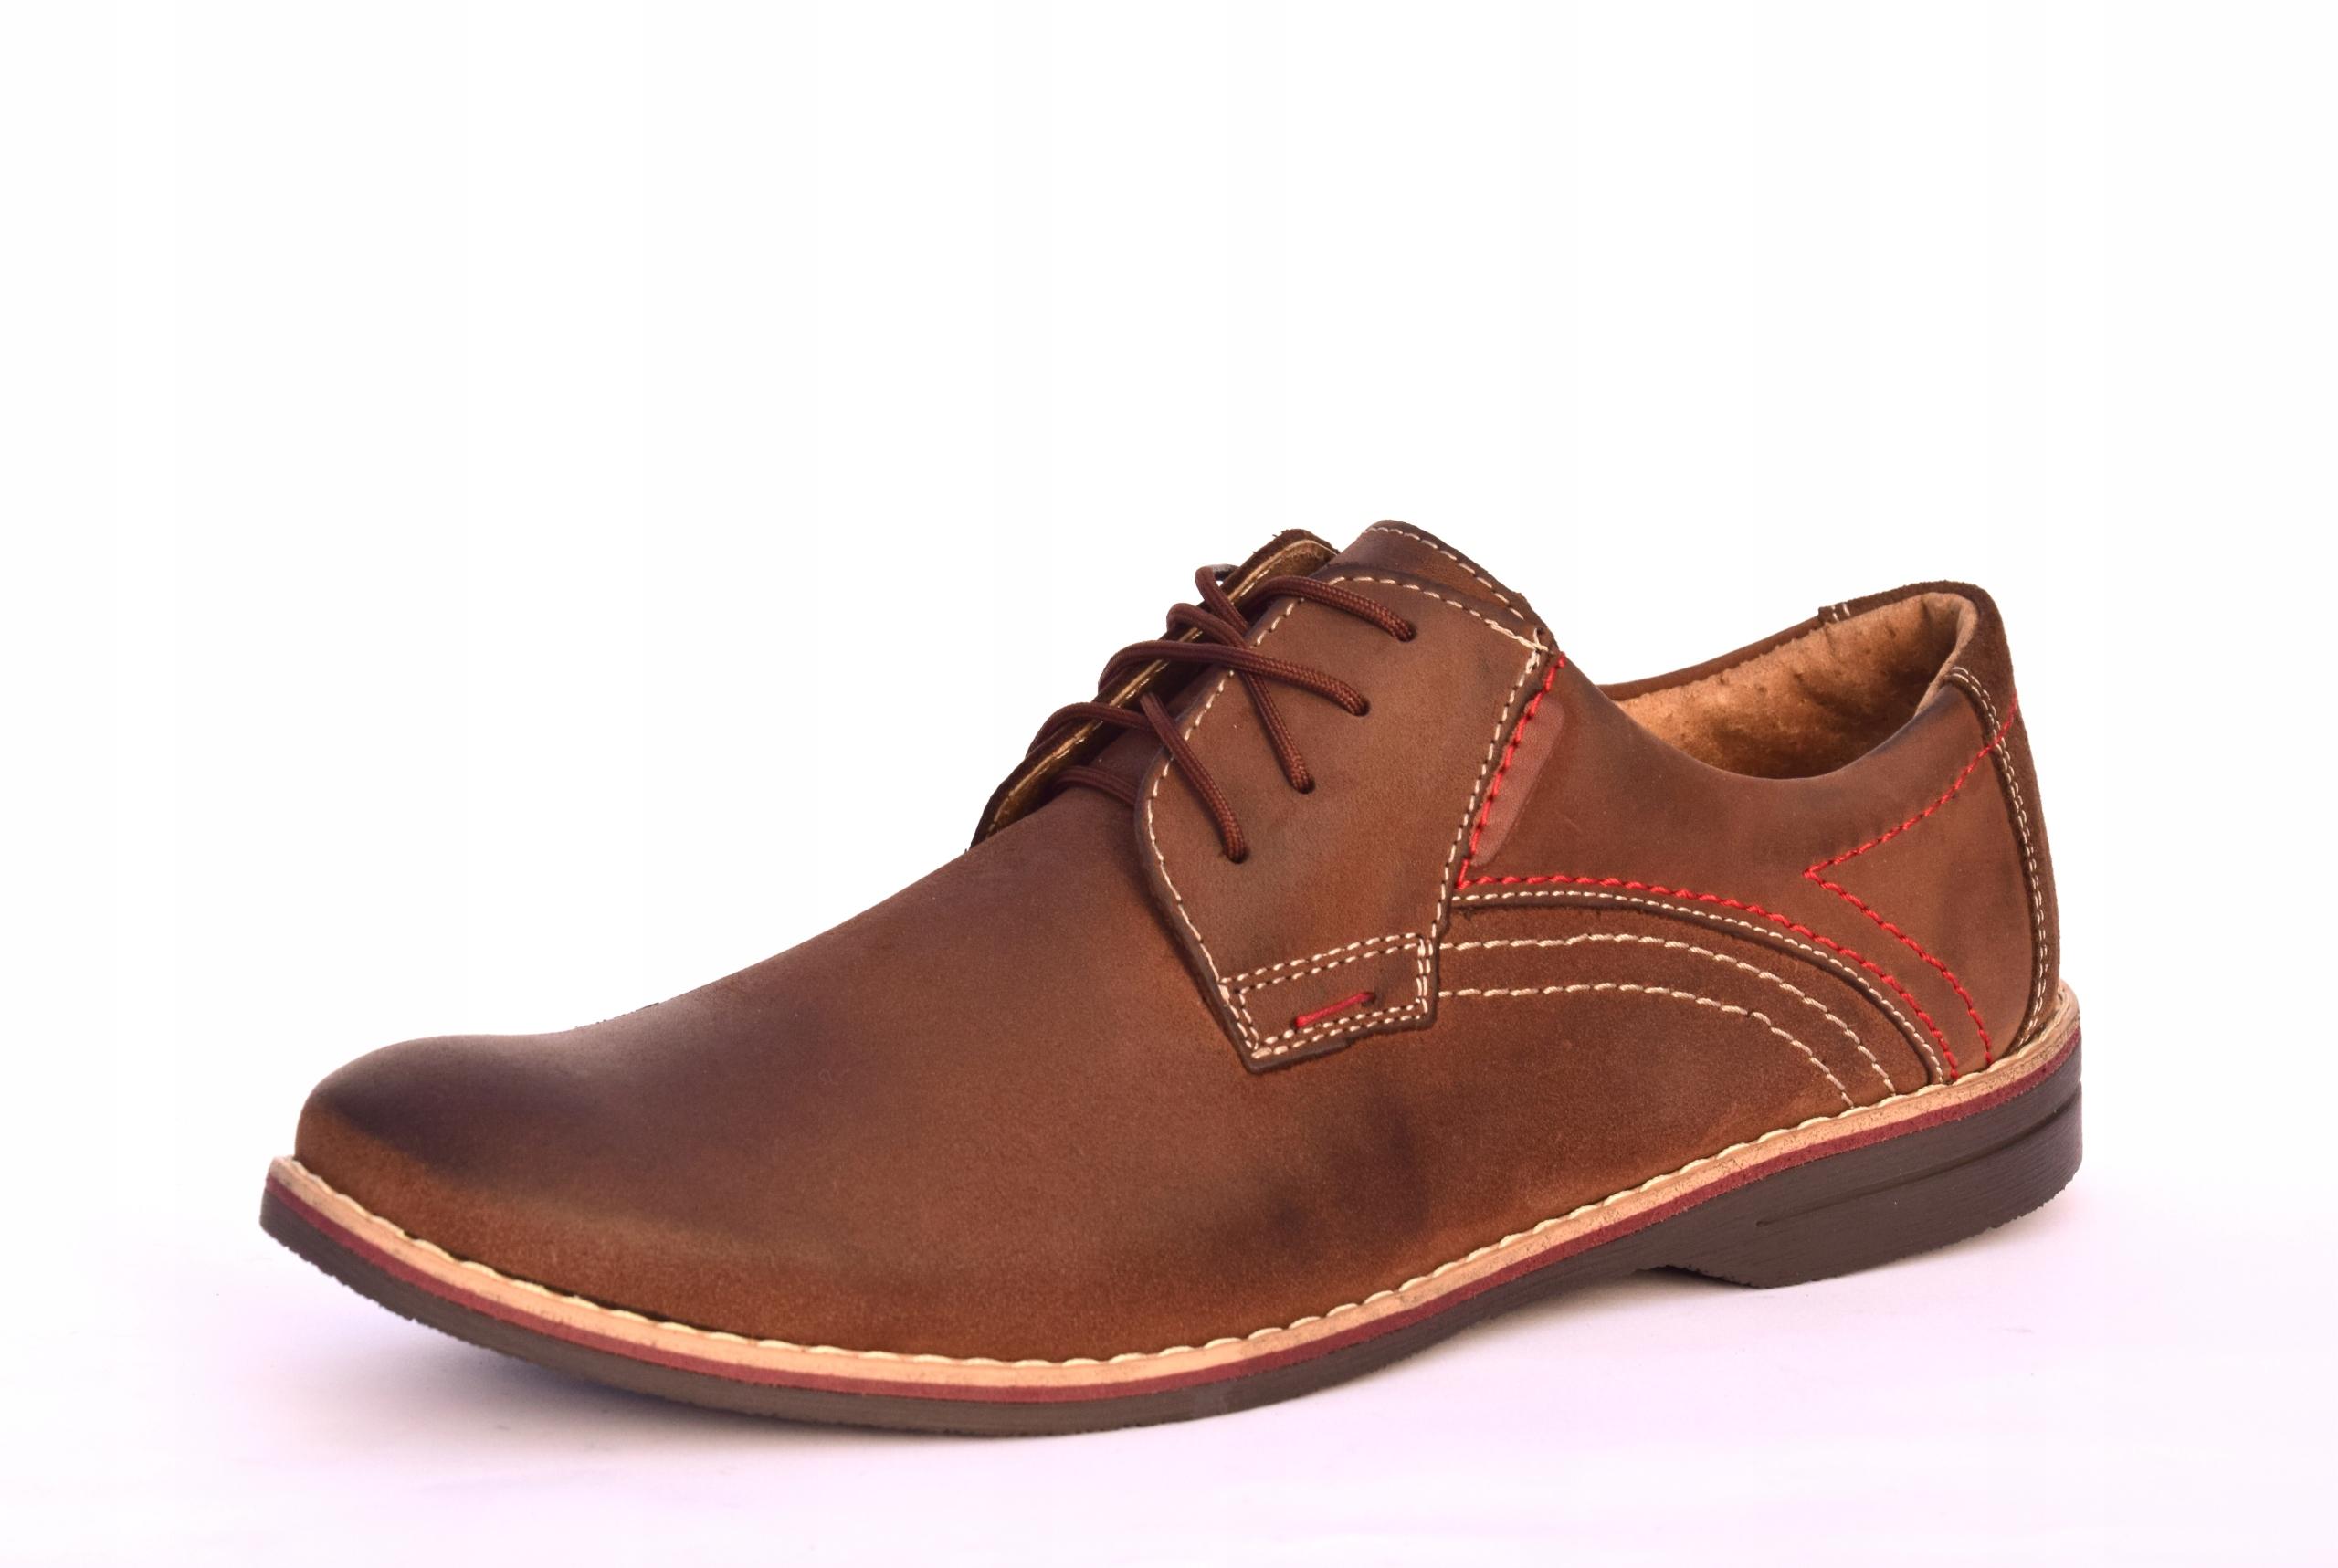 Buty męskie brązowe obuwie skórzane polskie 242